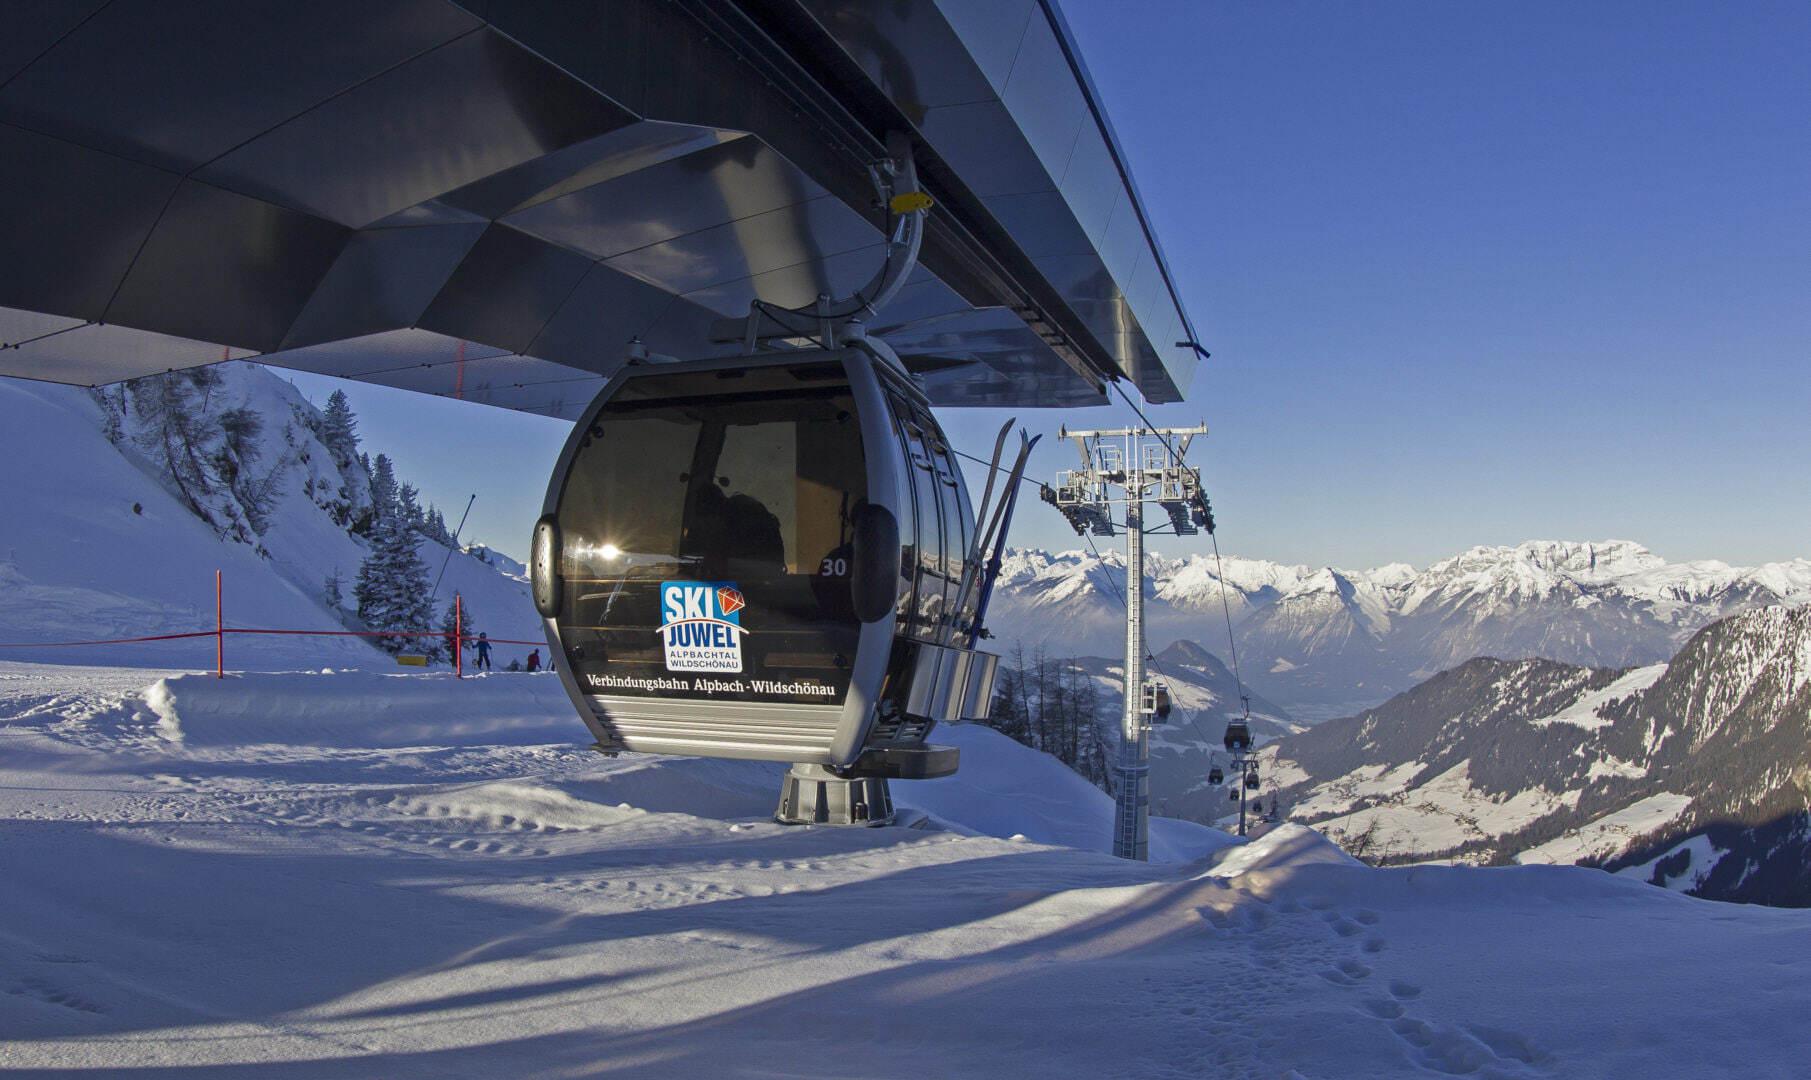 """Die Skigebiete Alpbach und Wildschönau haben sich 2012 mit der sogenannten Verbindungsbahn zum """"Ski Juwel"""" zusammengeschlossen. © Alpbacher Bergbahnen"""